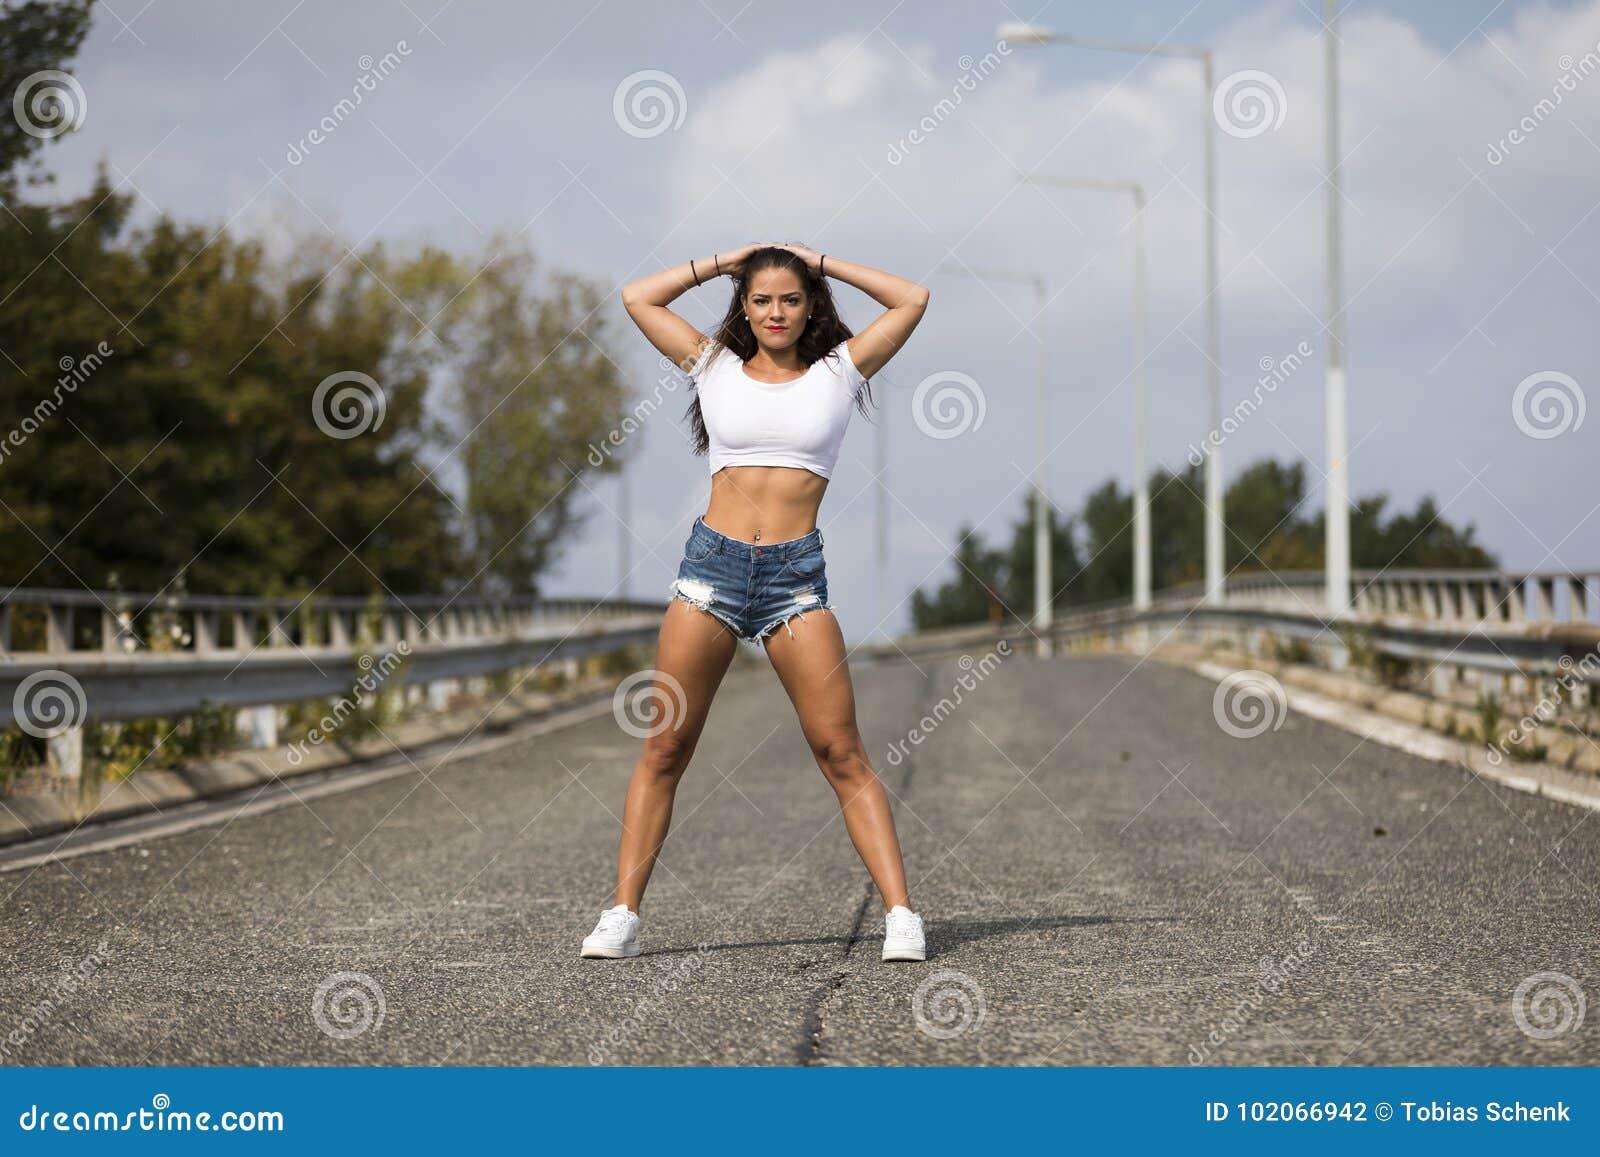 καυτά γυμνή μαύρα κορίτσια φωτογραφίες